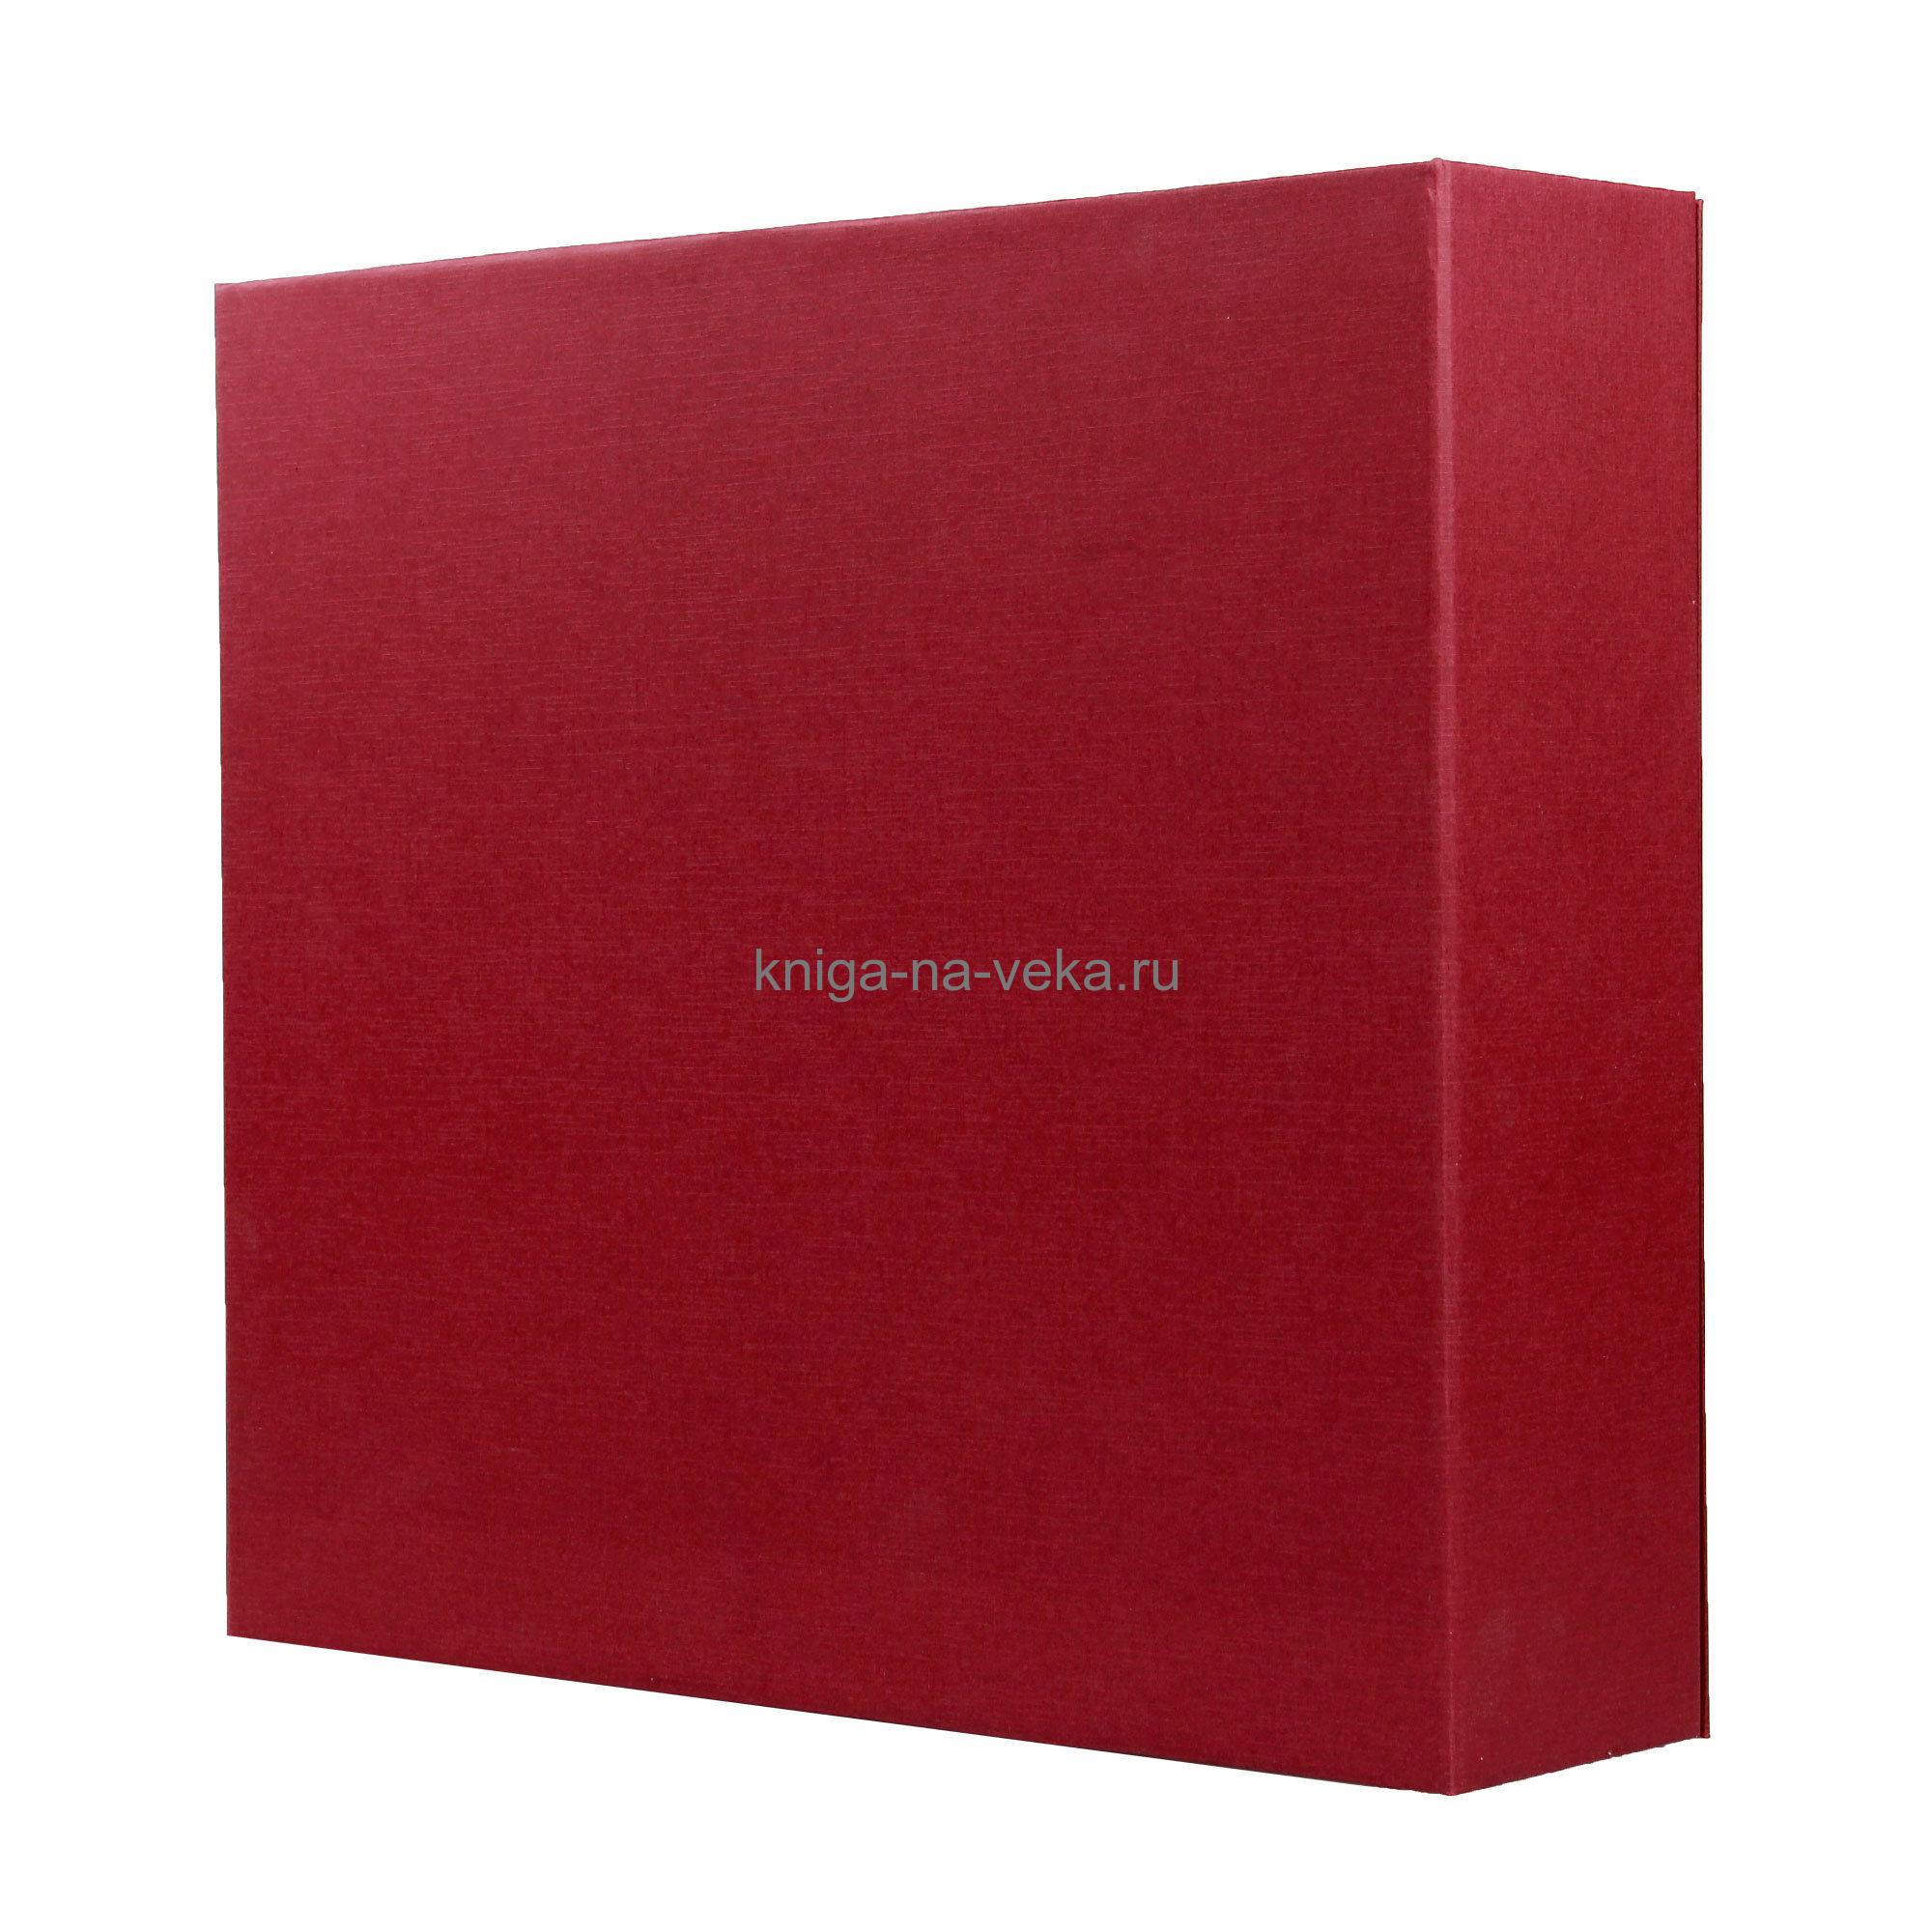 Упаковка подарочная для фотоальбома (бордо)